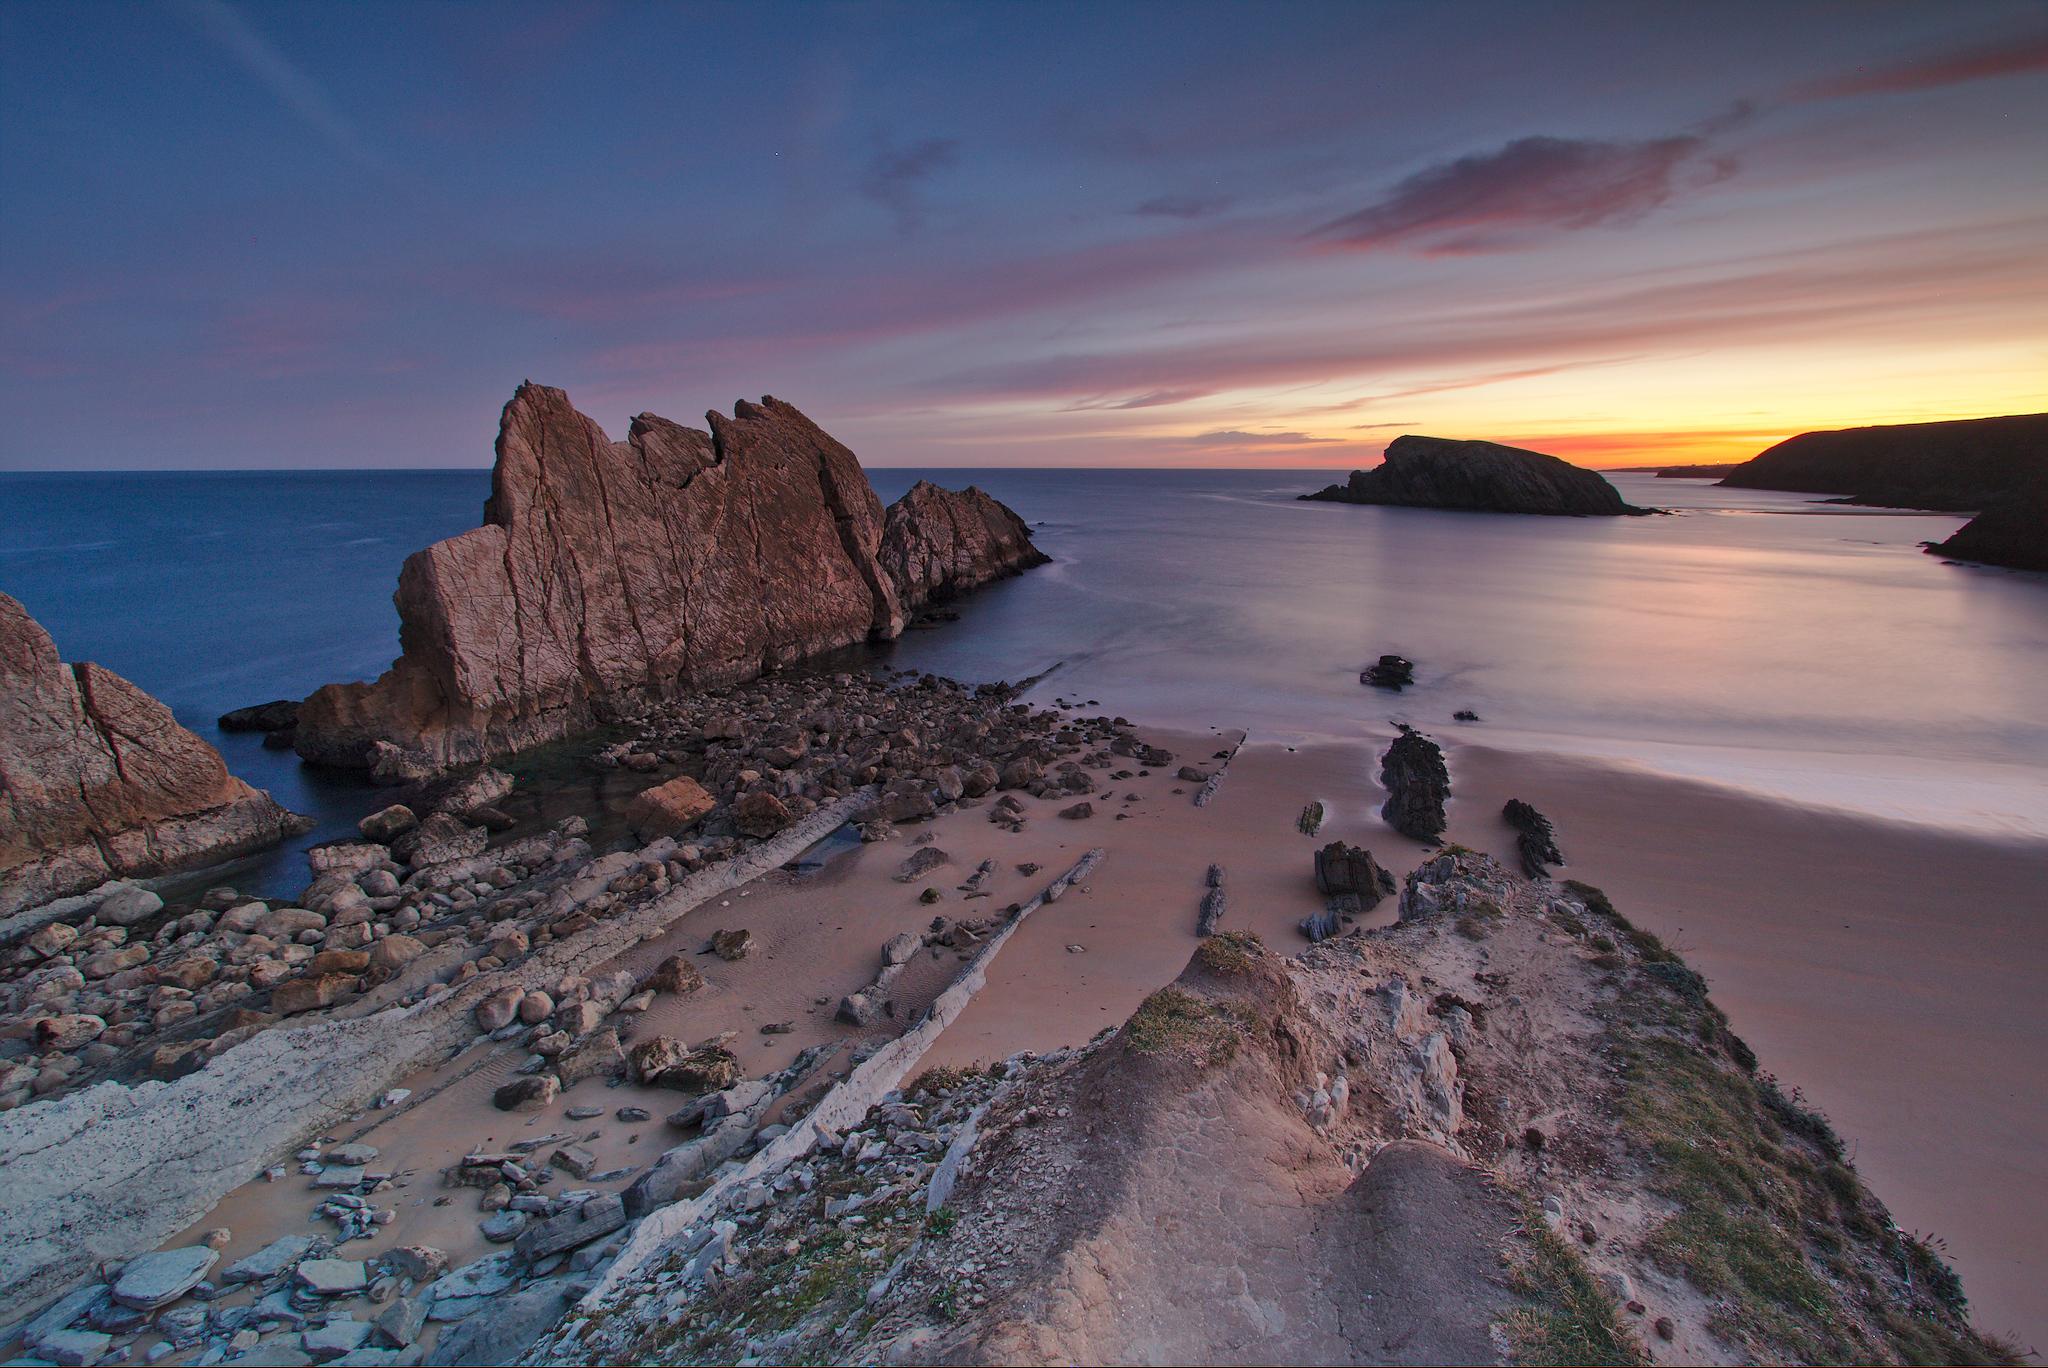 Playa Caneliñas